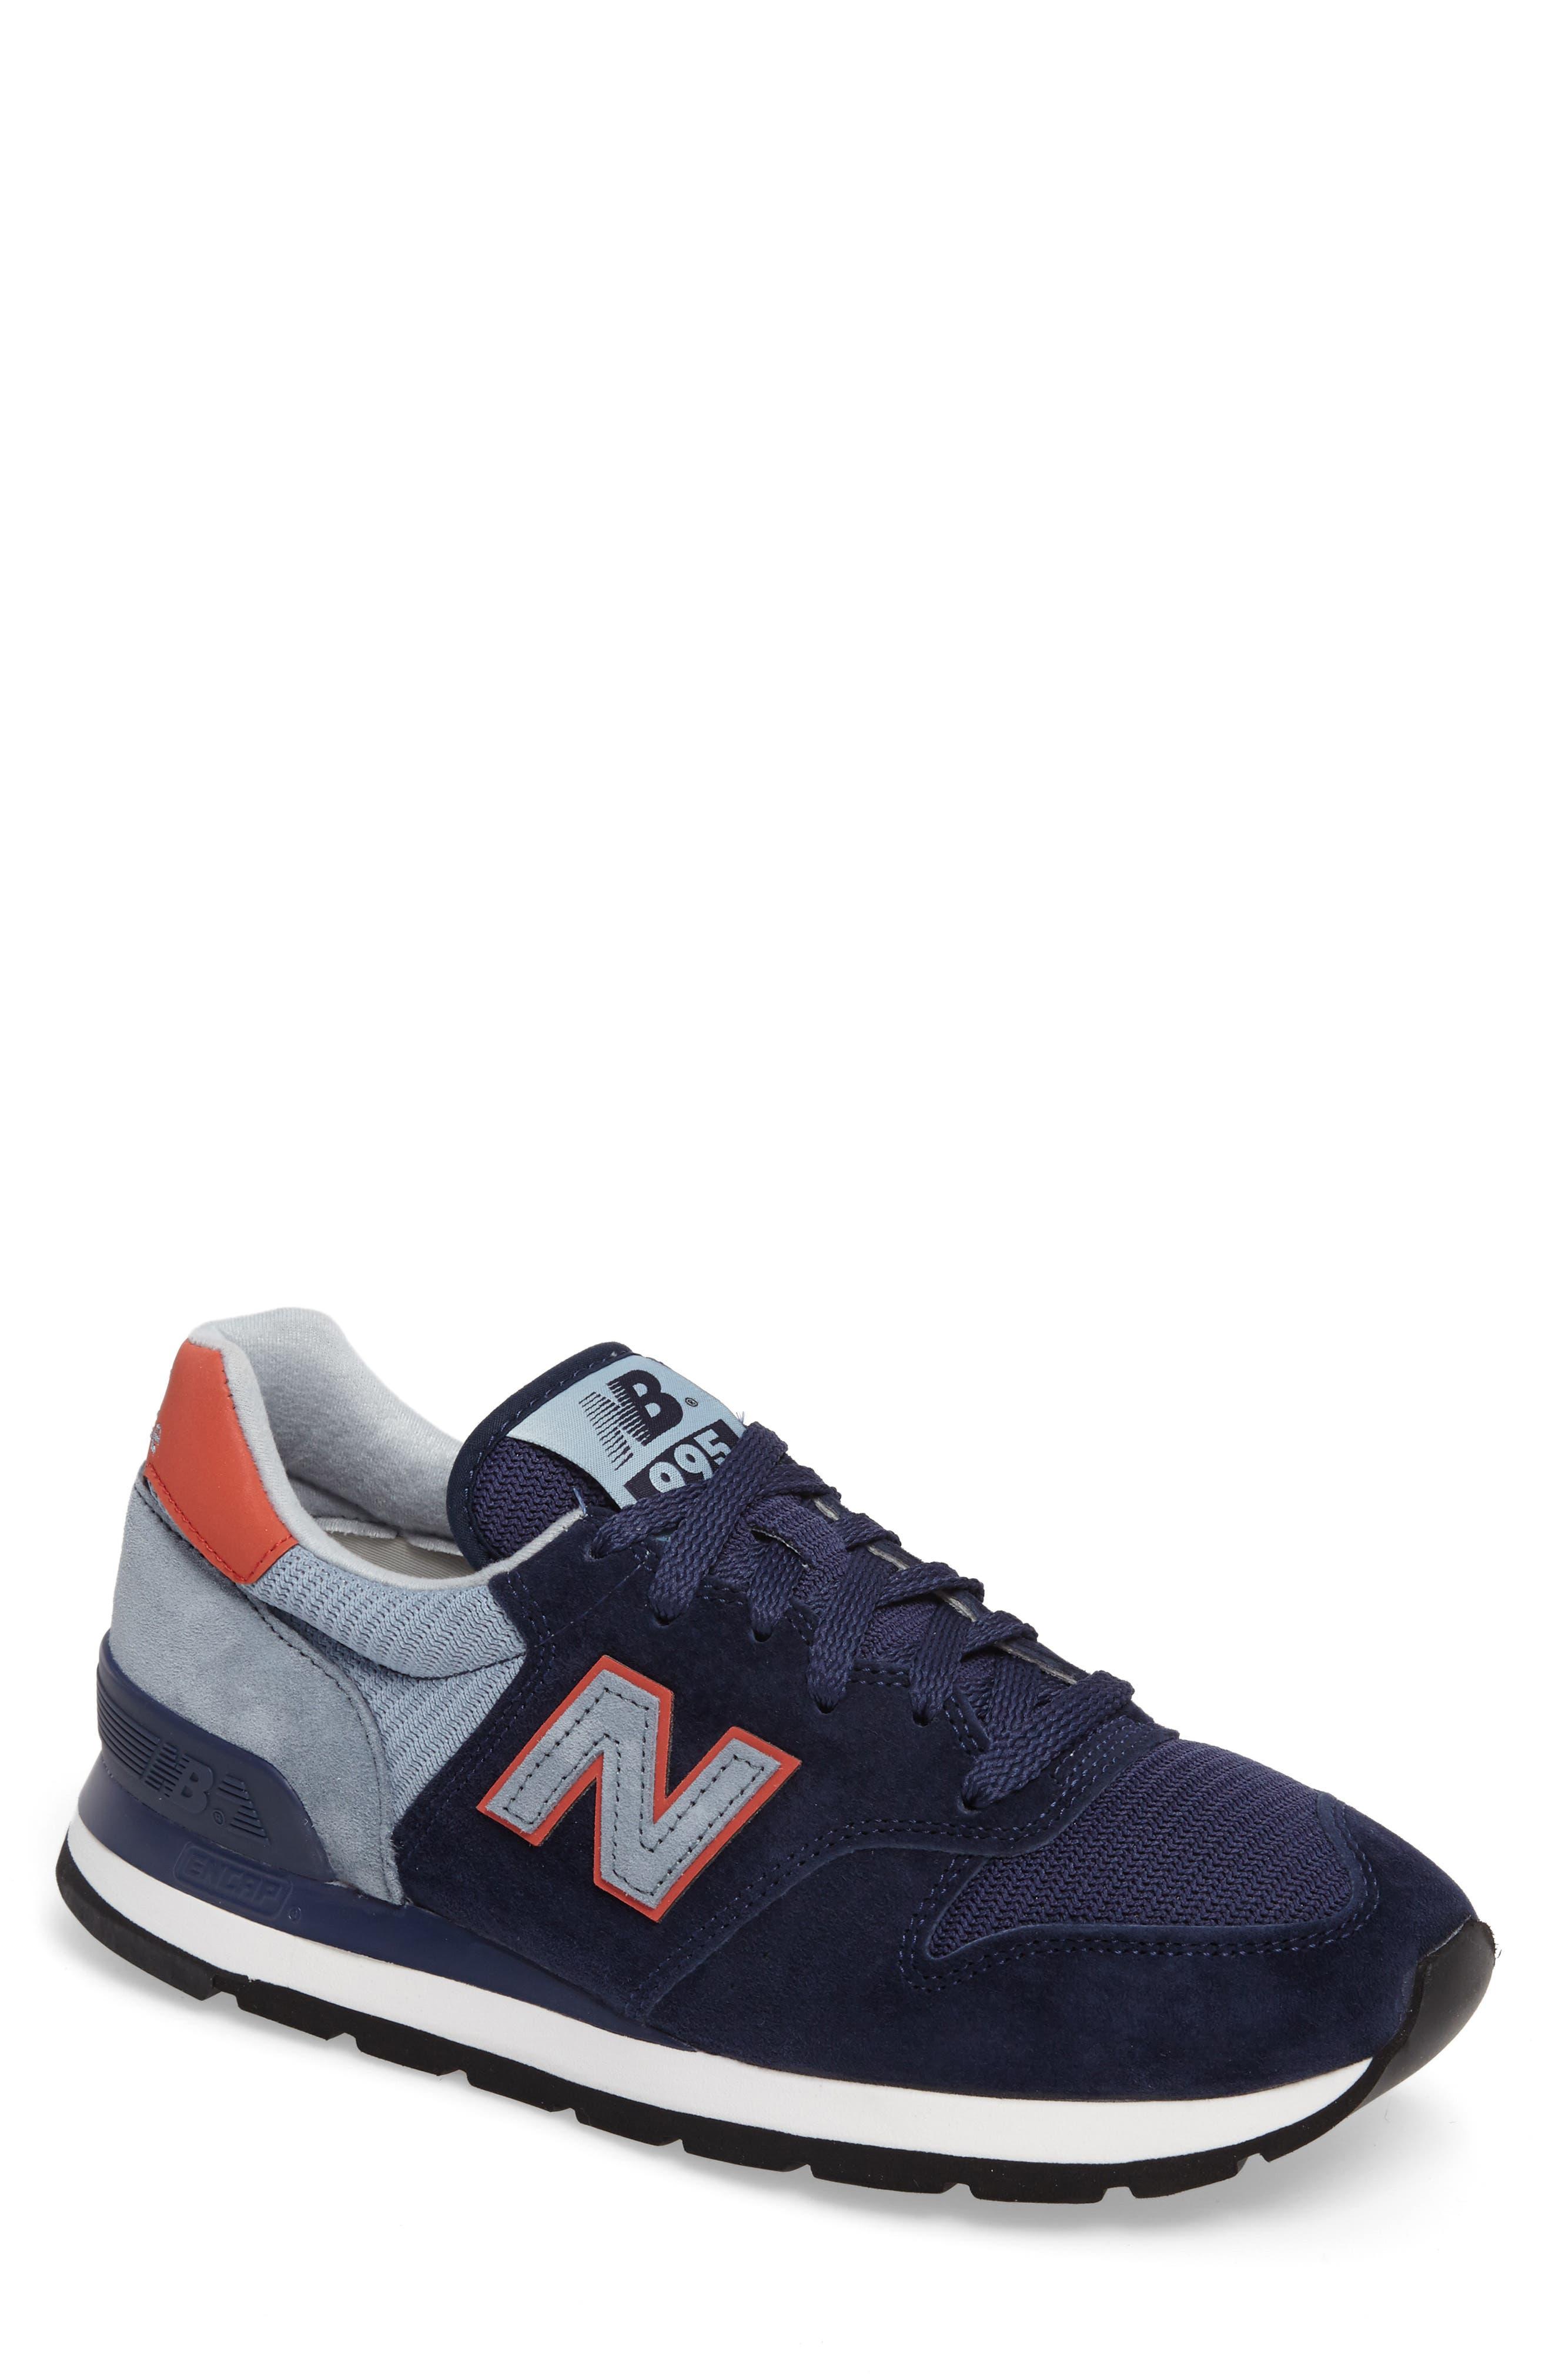 995 Sneaker,                         Main,                         color,